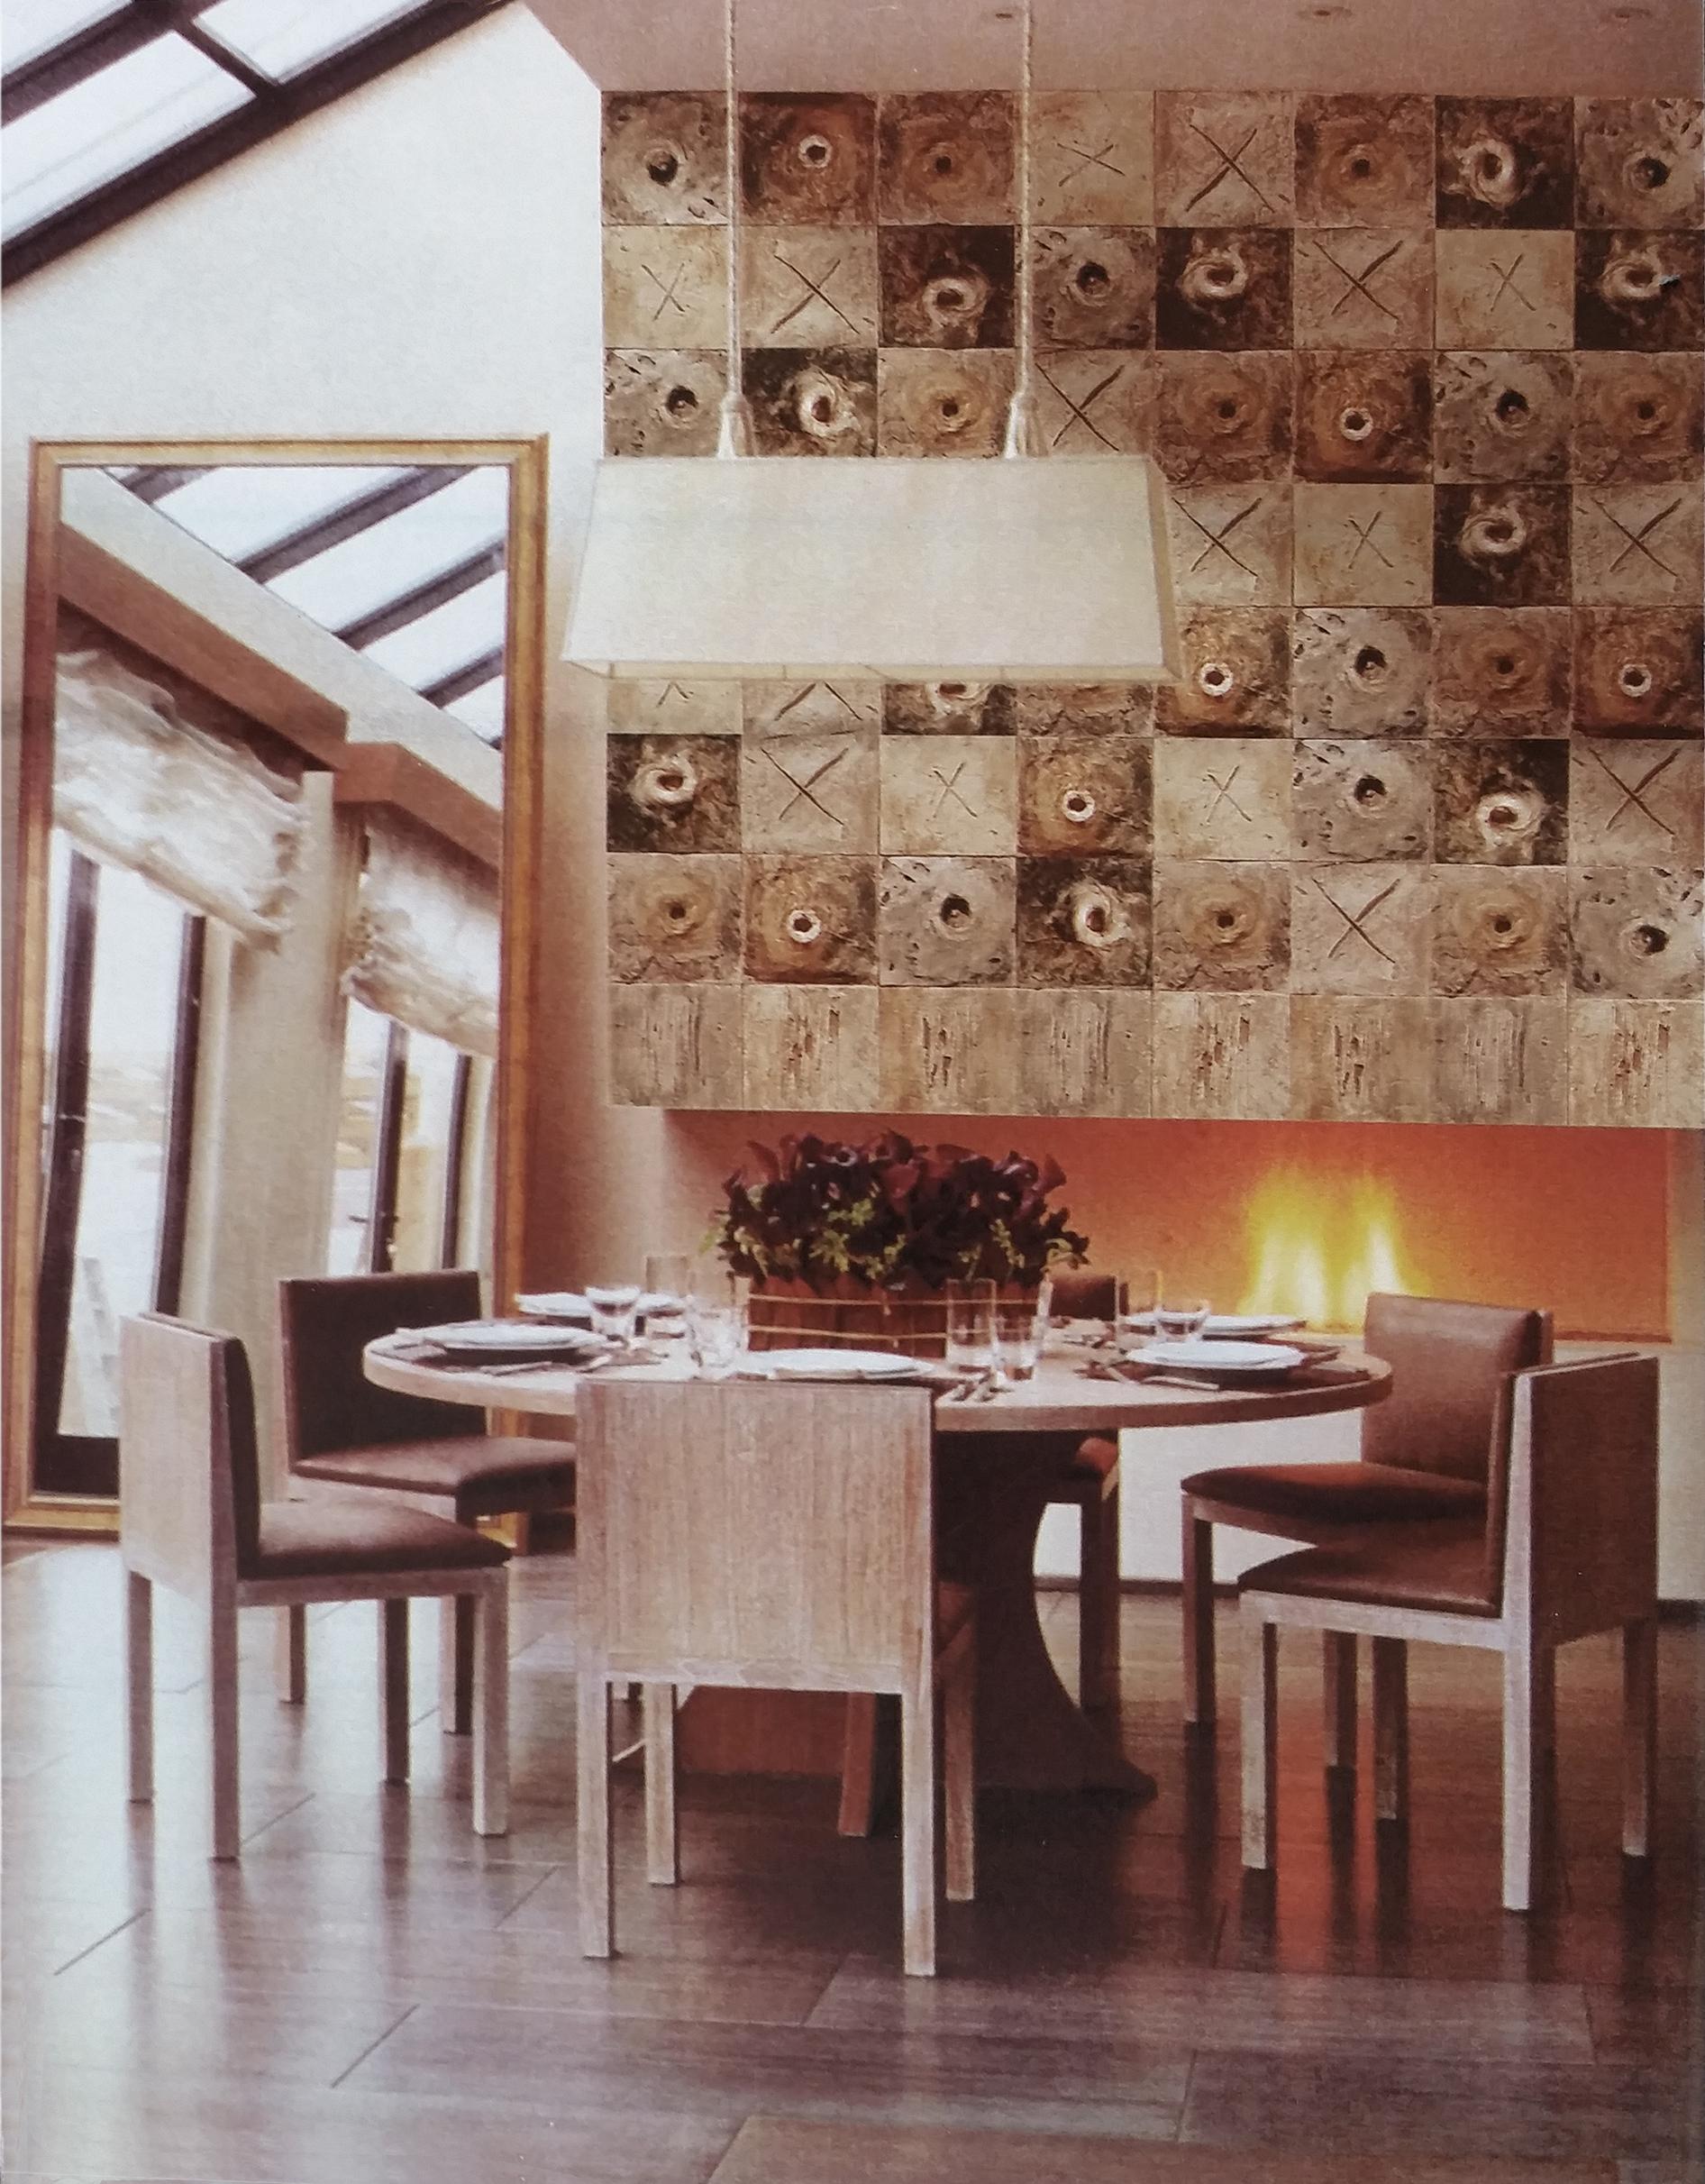 Moduli Pavone Caminetto residenza privata Germania 2007 Gesso modellato su multistrato. Colorazione con pigmenti mq 4